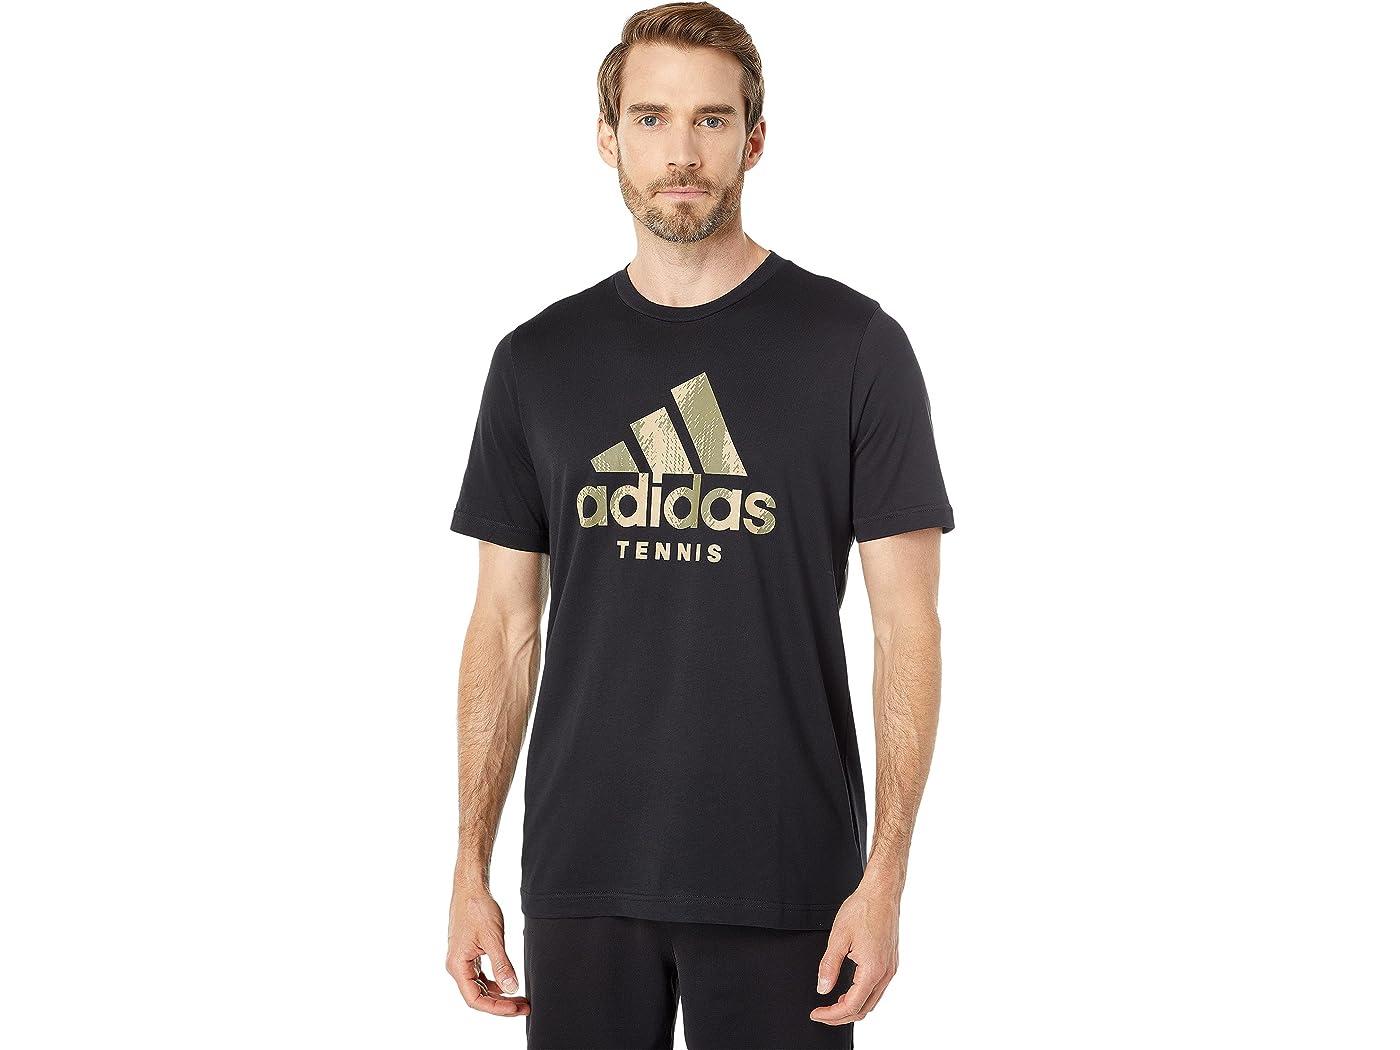 Adidas Tennis Camo Logo Tee